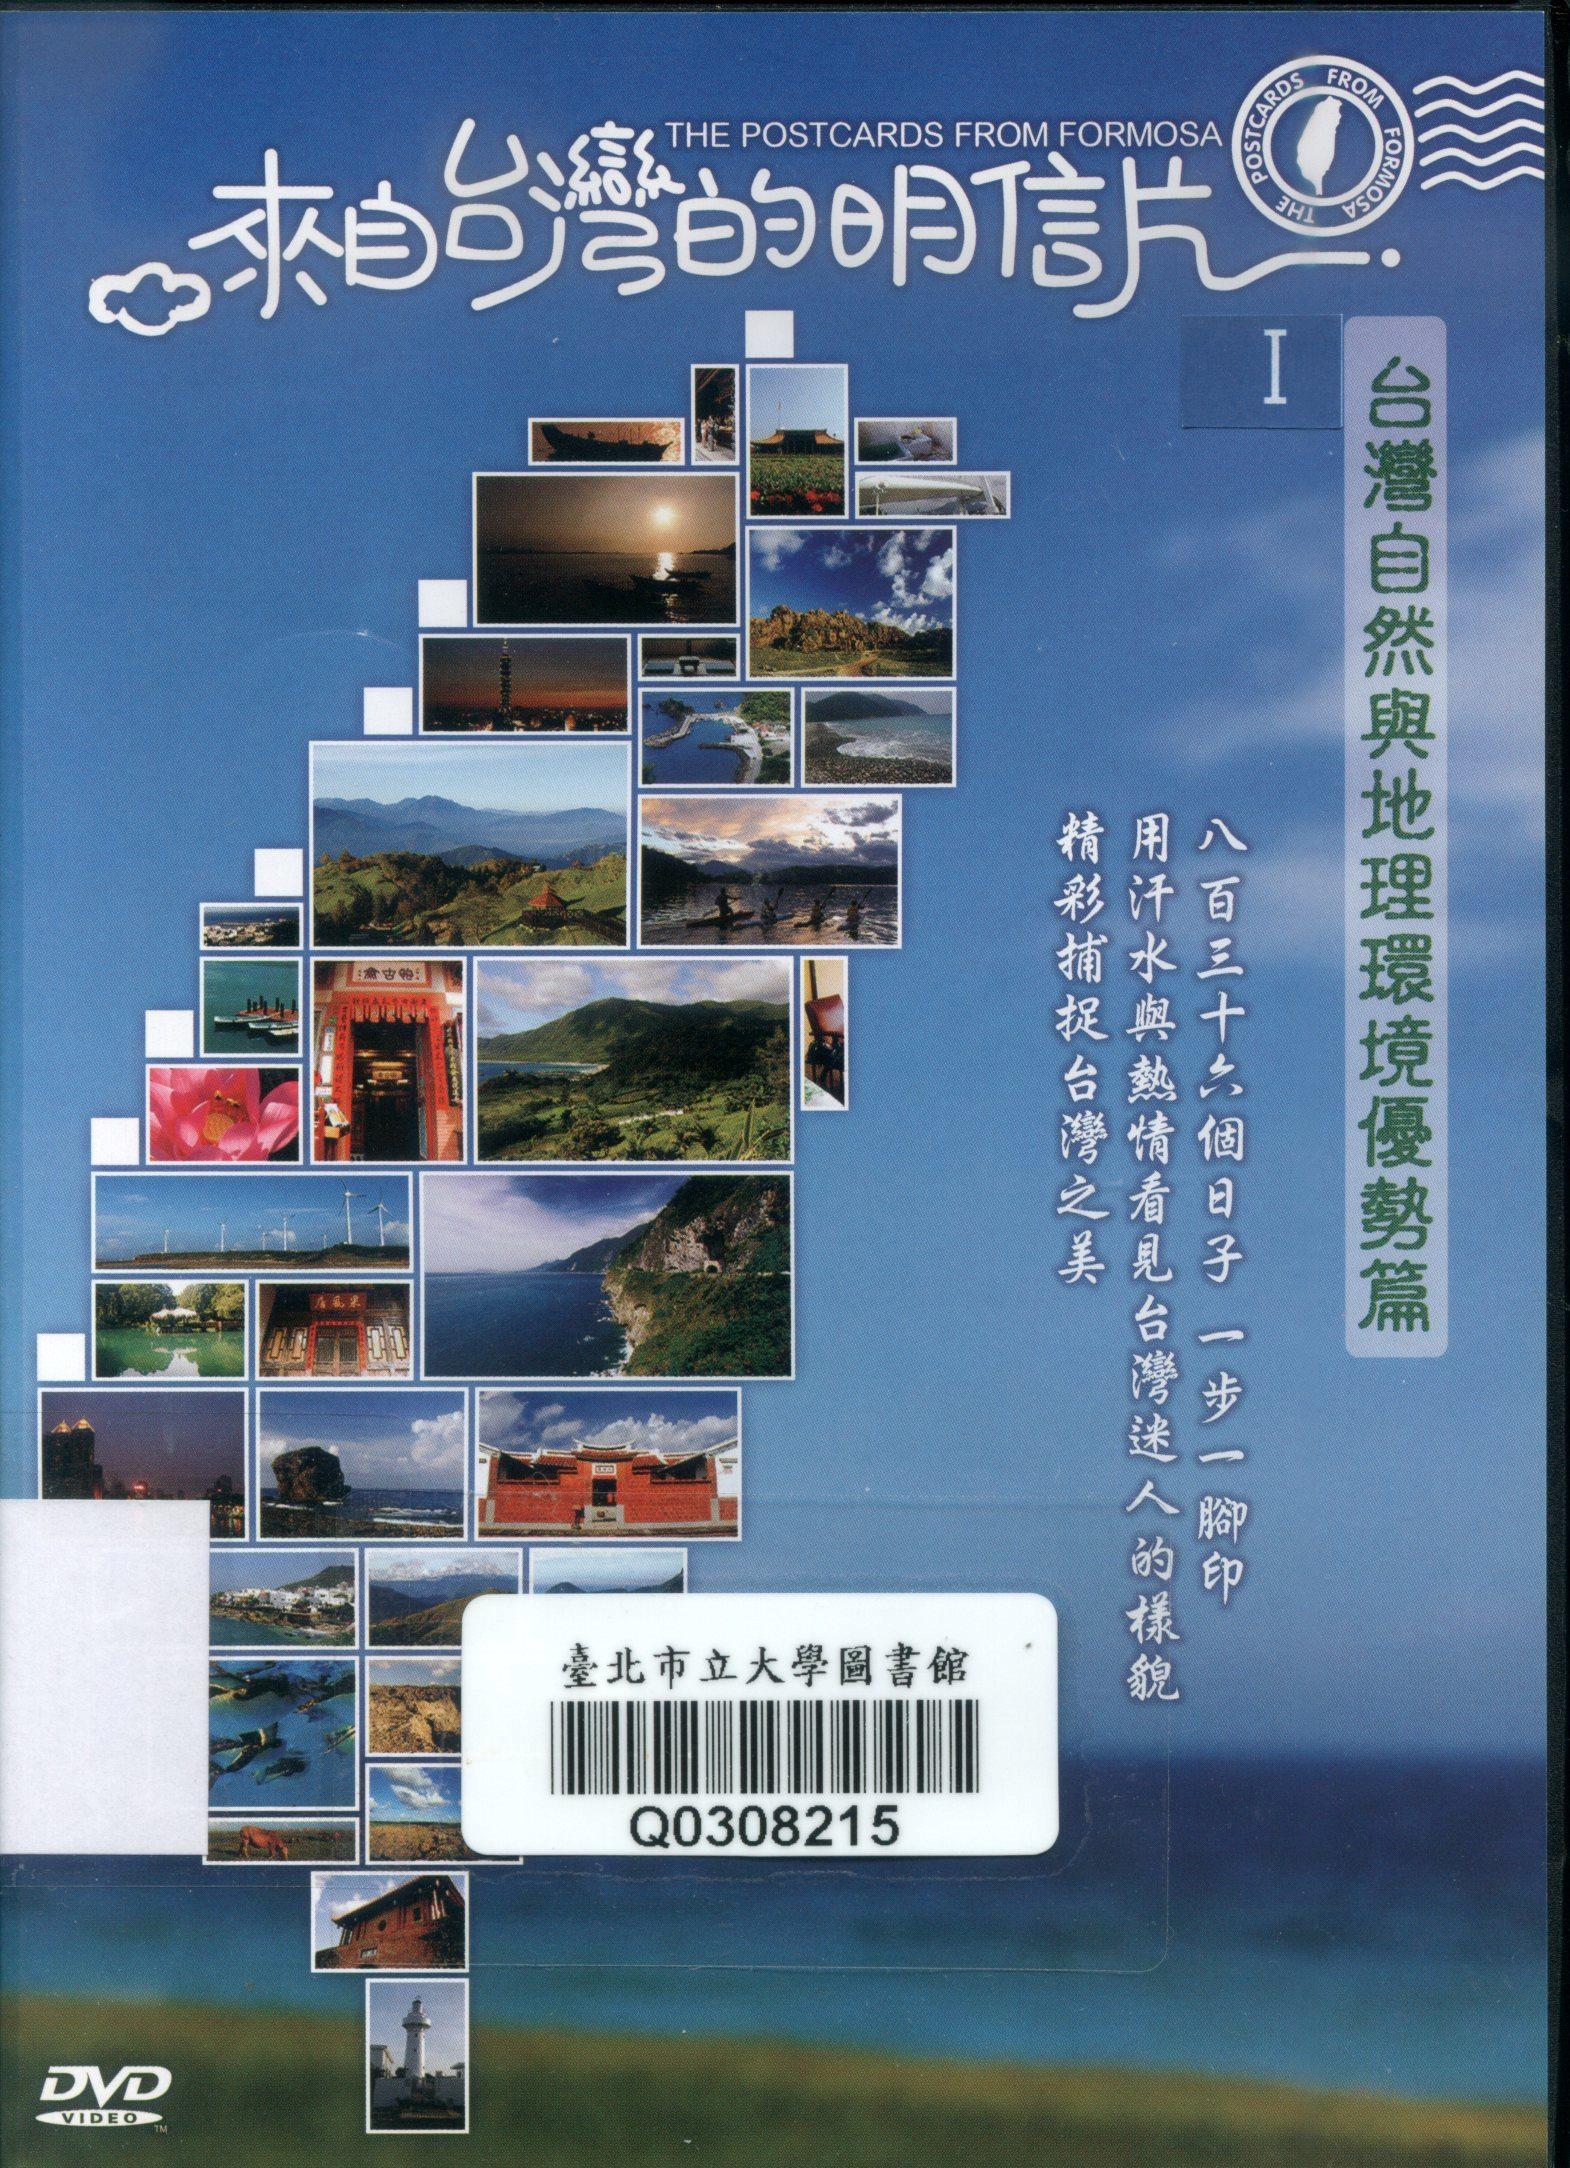 來自台灣的明信片I : 台灣景物與自然感懷篇